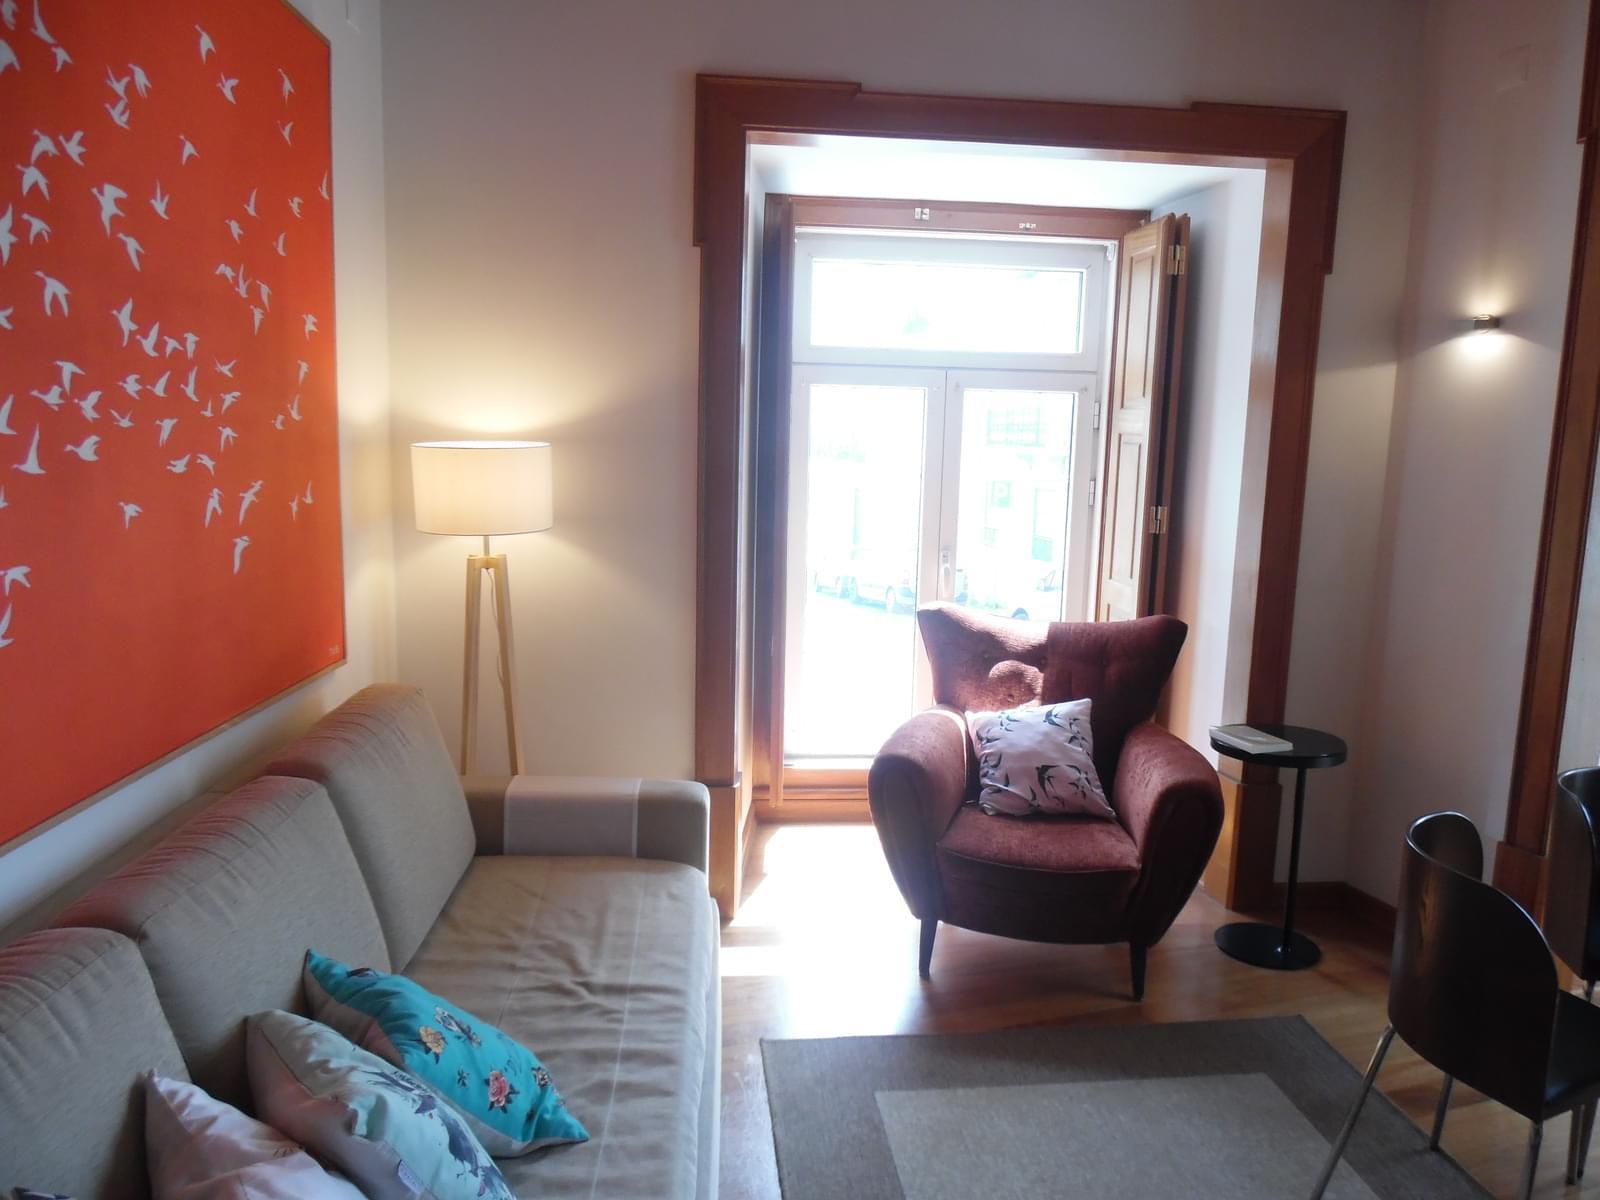 pf16905-apartamento-t1-lisboa-97769312-a8c9-4936-952c-c8fc447c2252